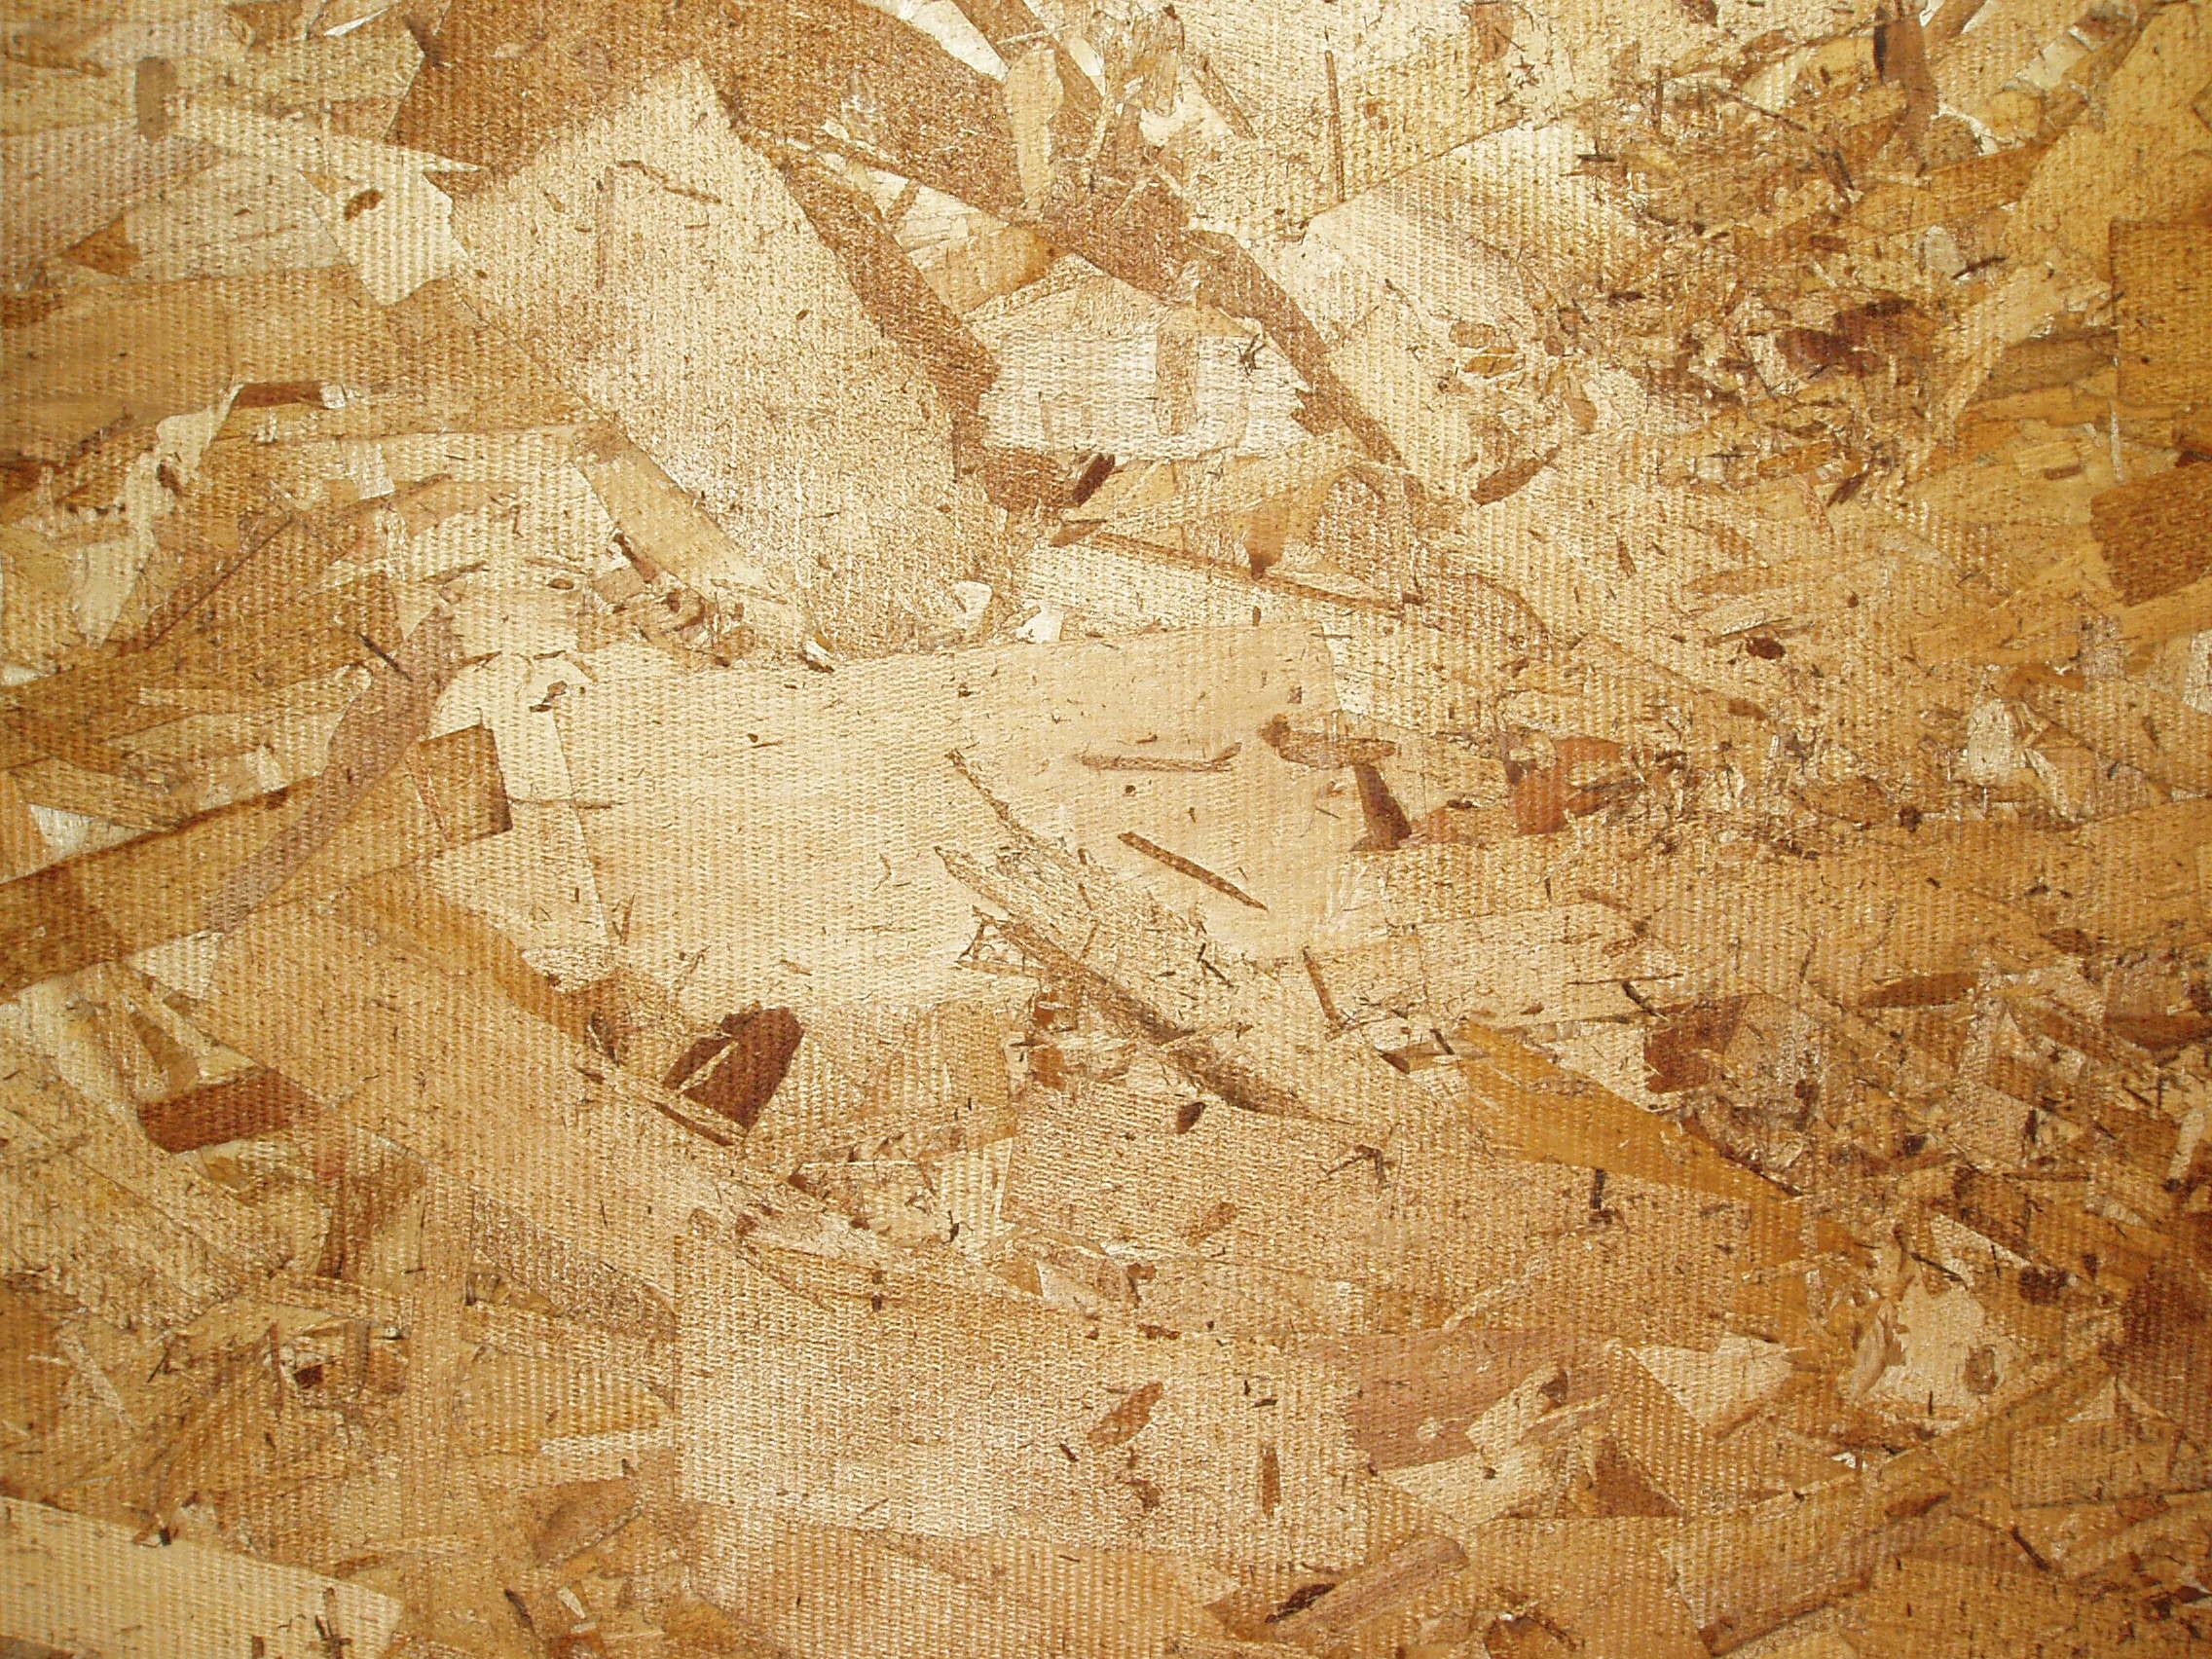 Stock: Woodchip texture by AntiRetrovirus